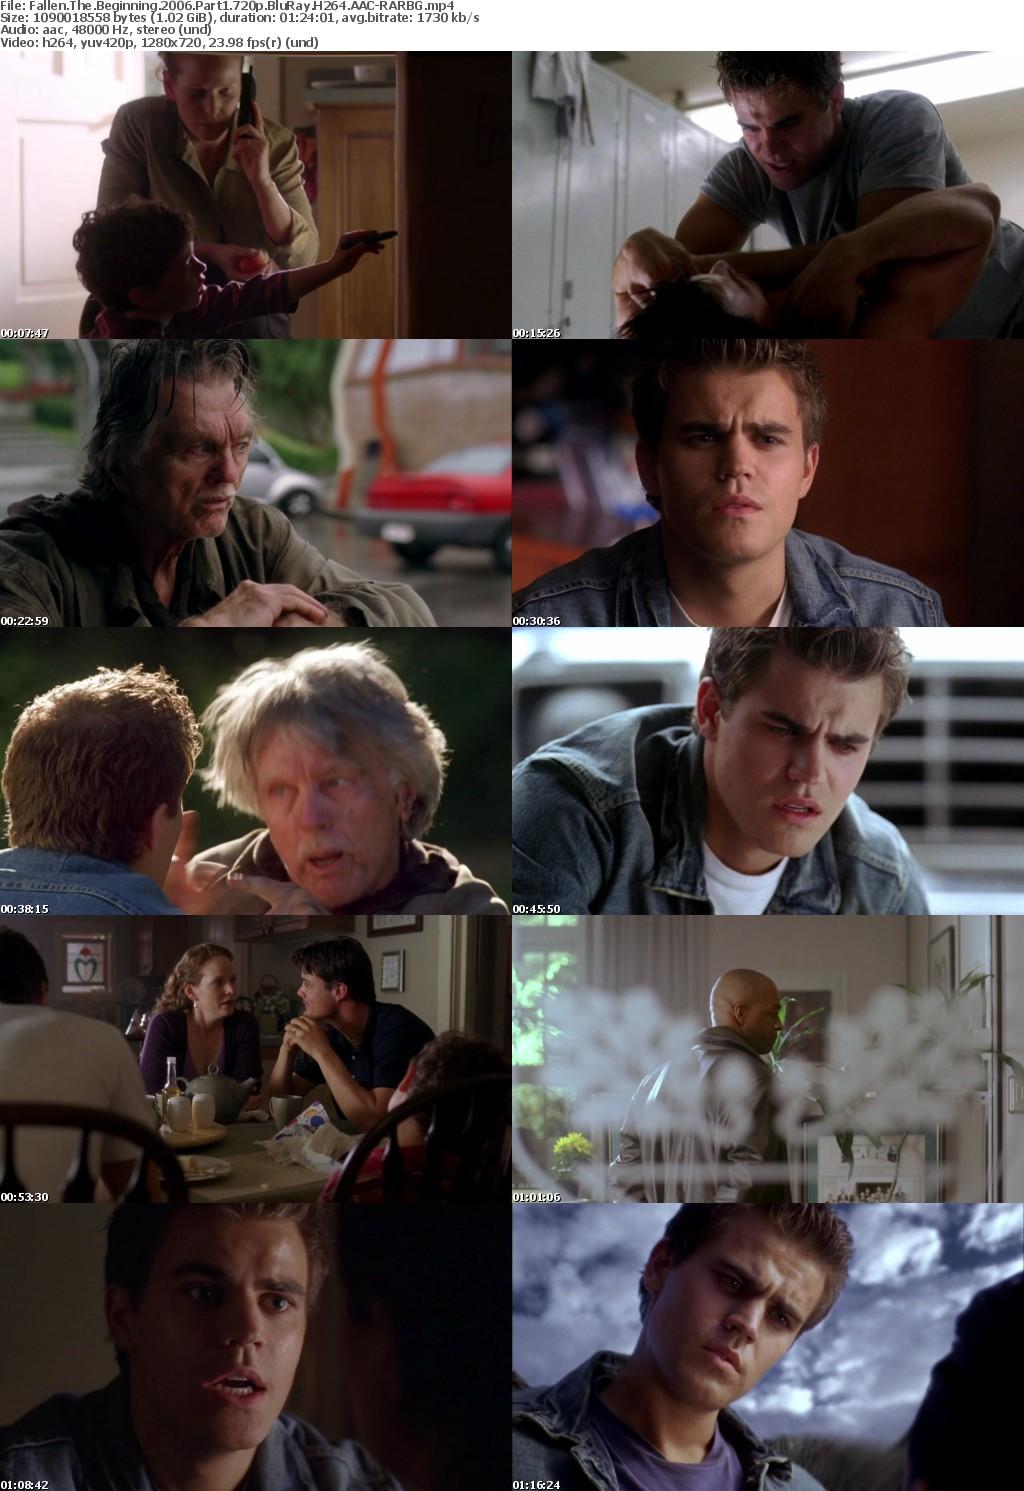 Fallen The Beginning (2006) Part1 720p BluRay H264 AAC-RARBG